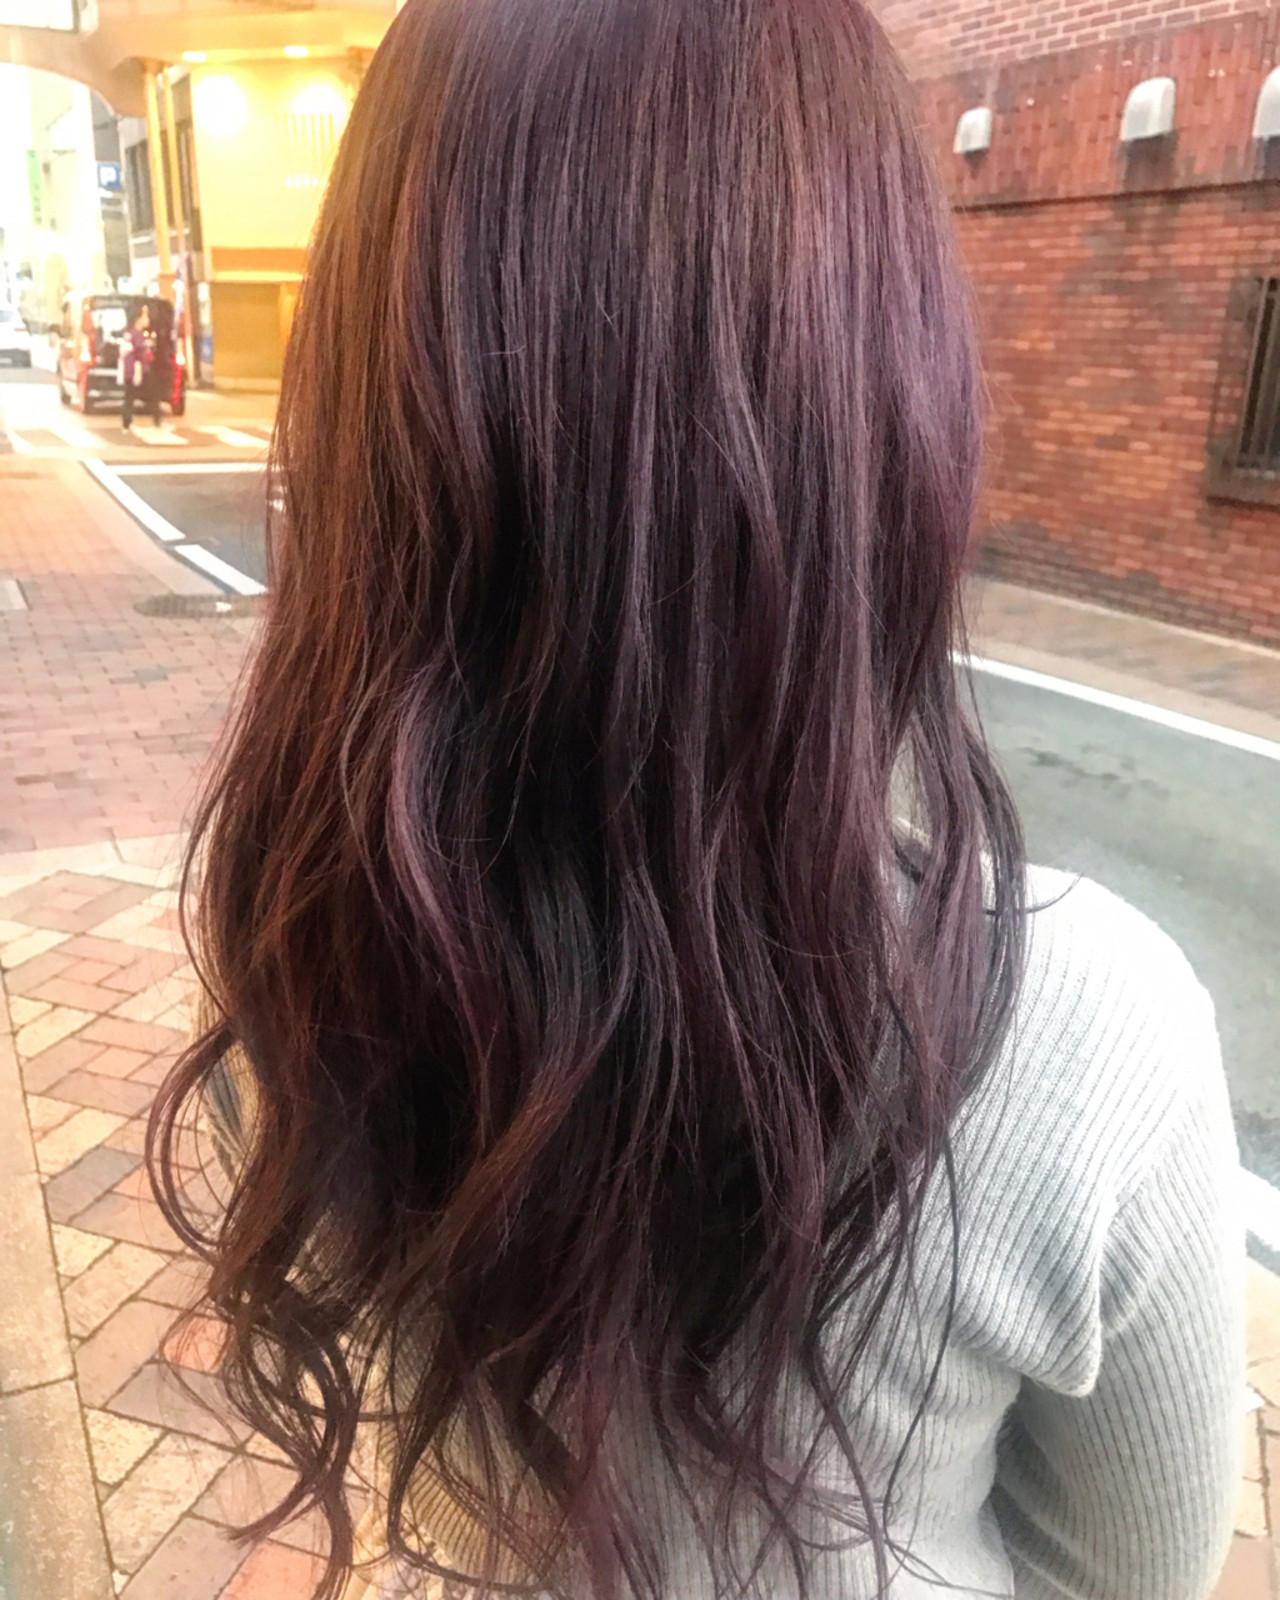 秋 ガーリー ラベンダーピンク 透明感 ヘアスタイルや髪型の写真・画像